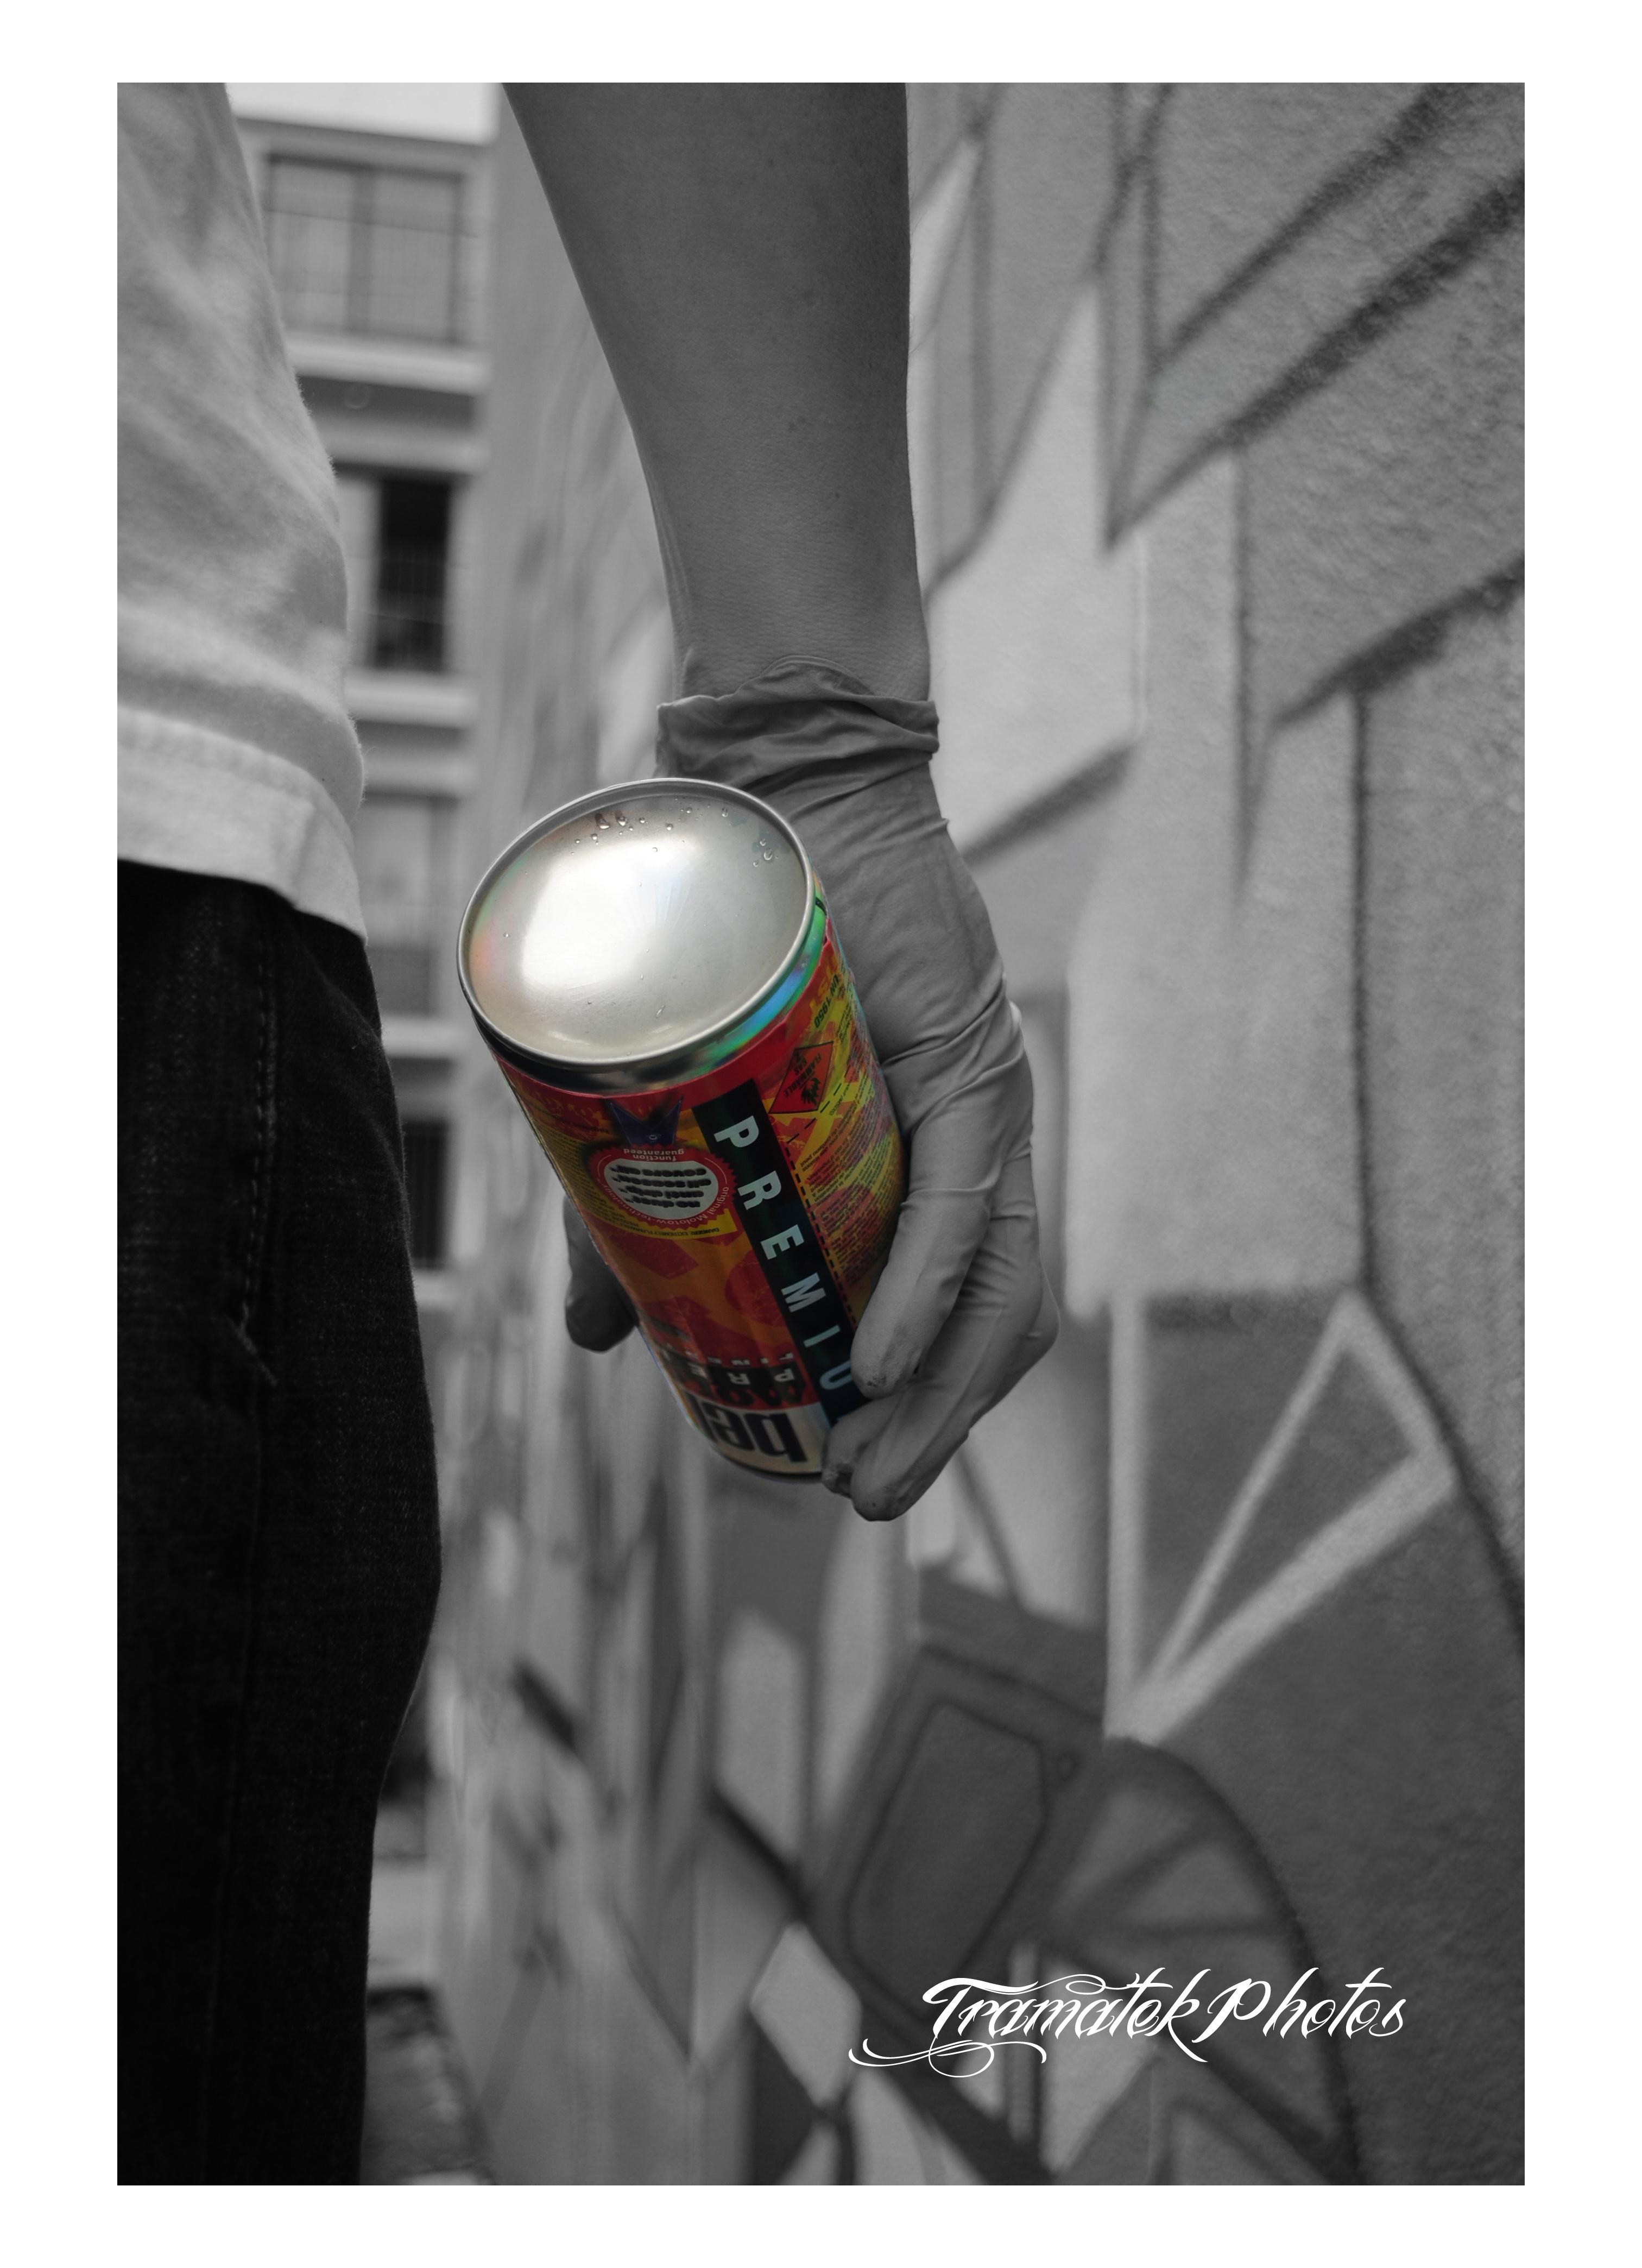 K2S Crew Graffiti